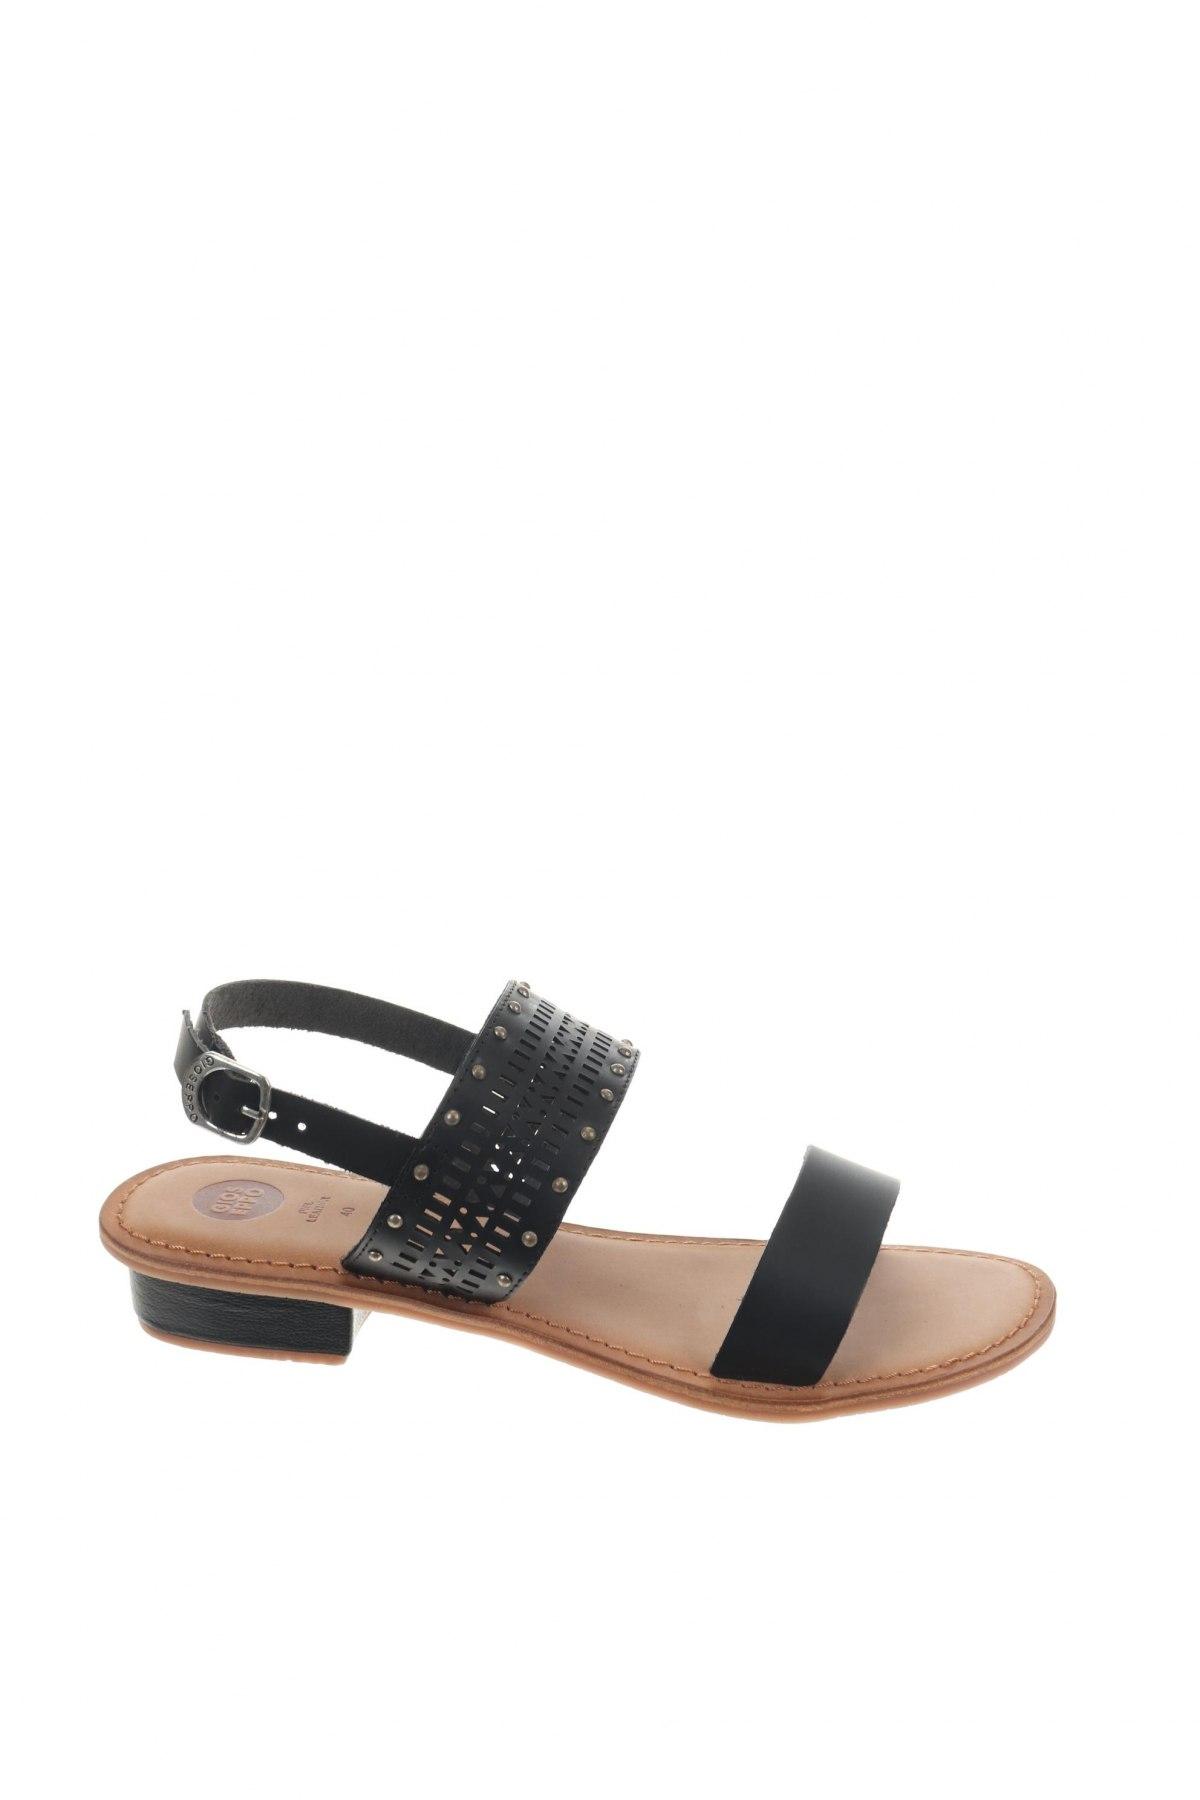 Σανδάλια Gioseppo, Μέγεθος 40, Χρώμα Μαύρο, Γνήσιο δέρμα, Τιμή 22,95€